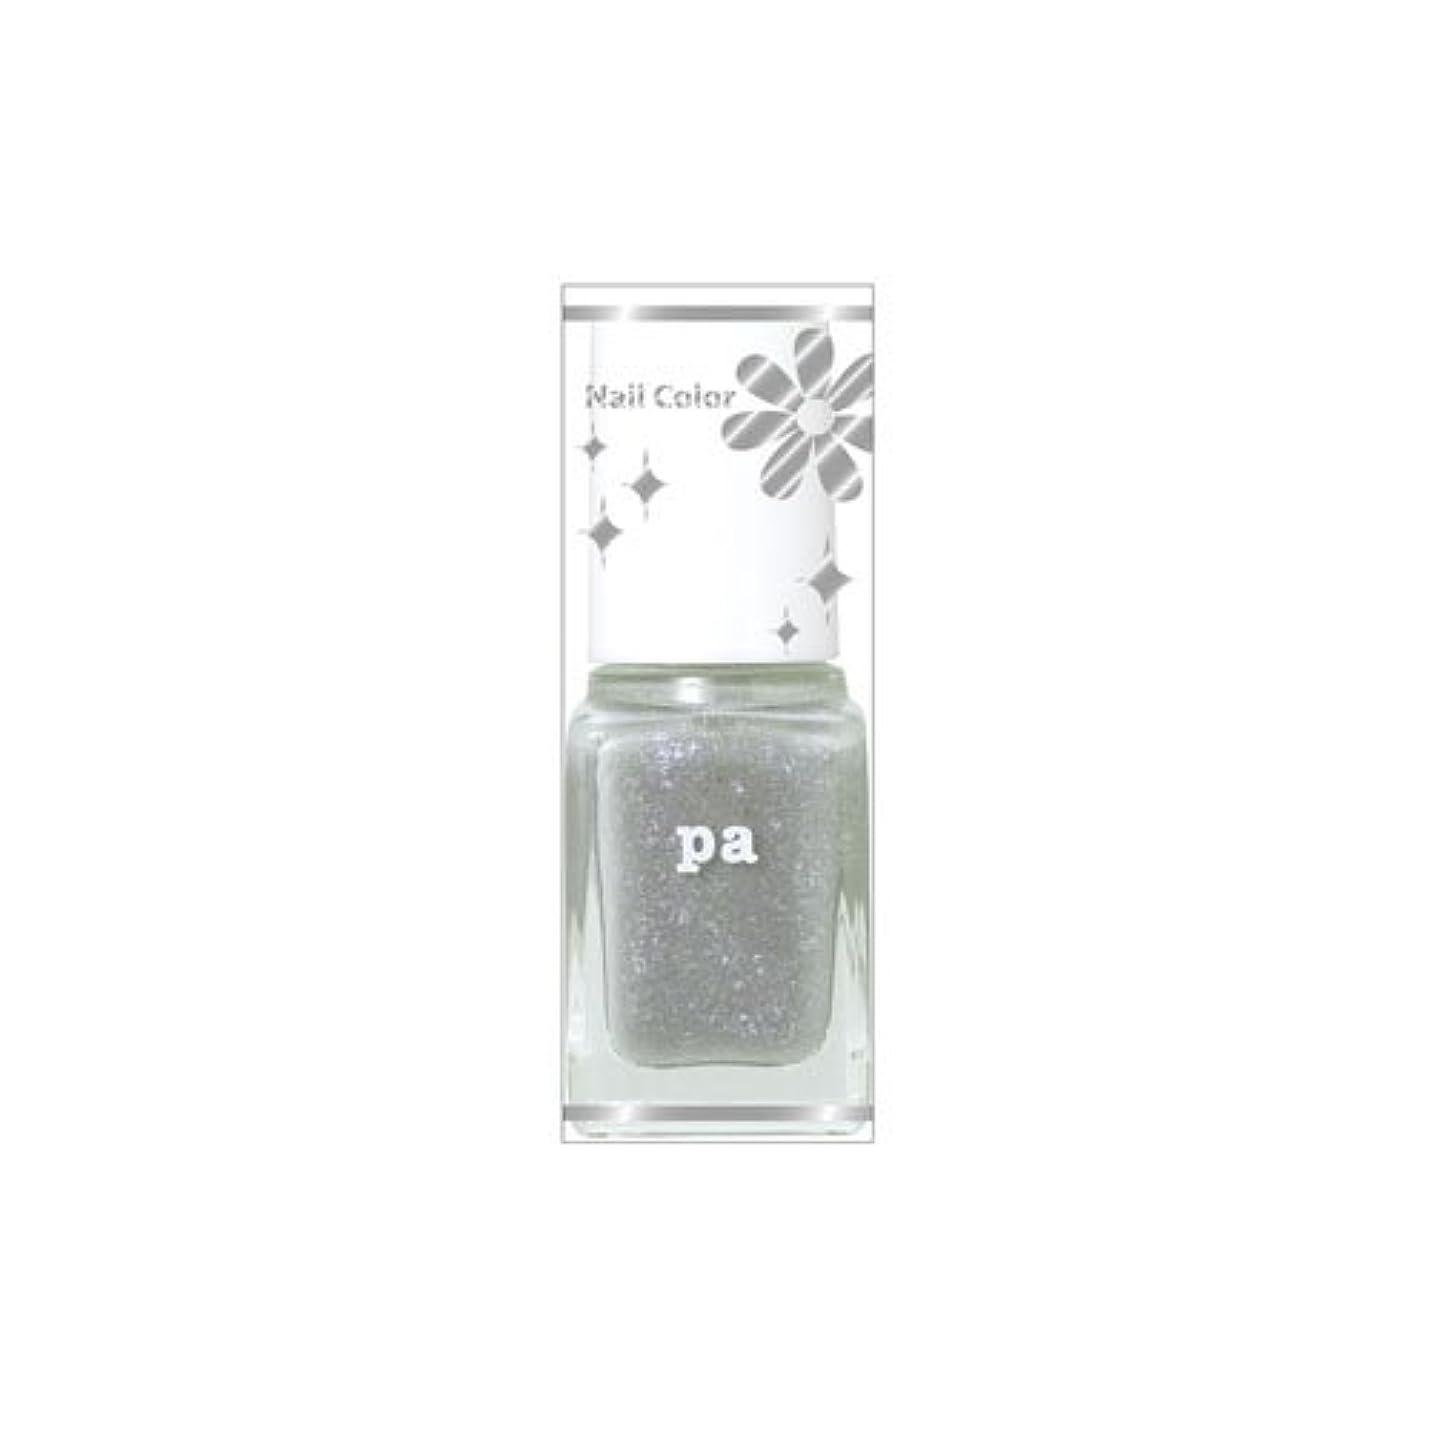 内なる有用お酢pa ネイルカラープレミア AA200 (6mL)